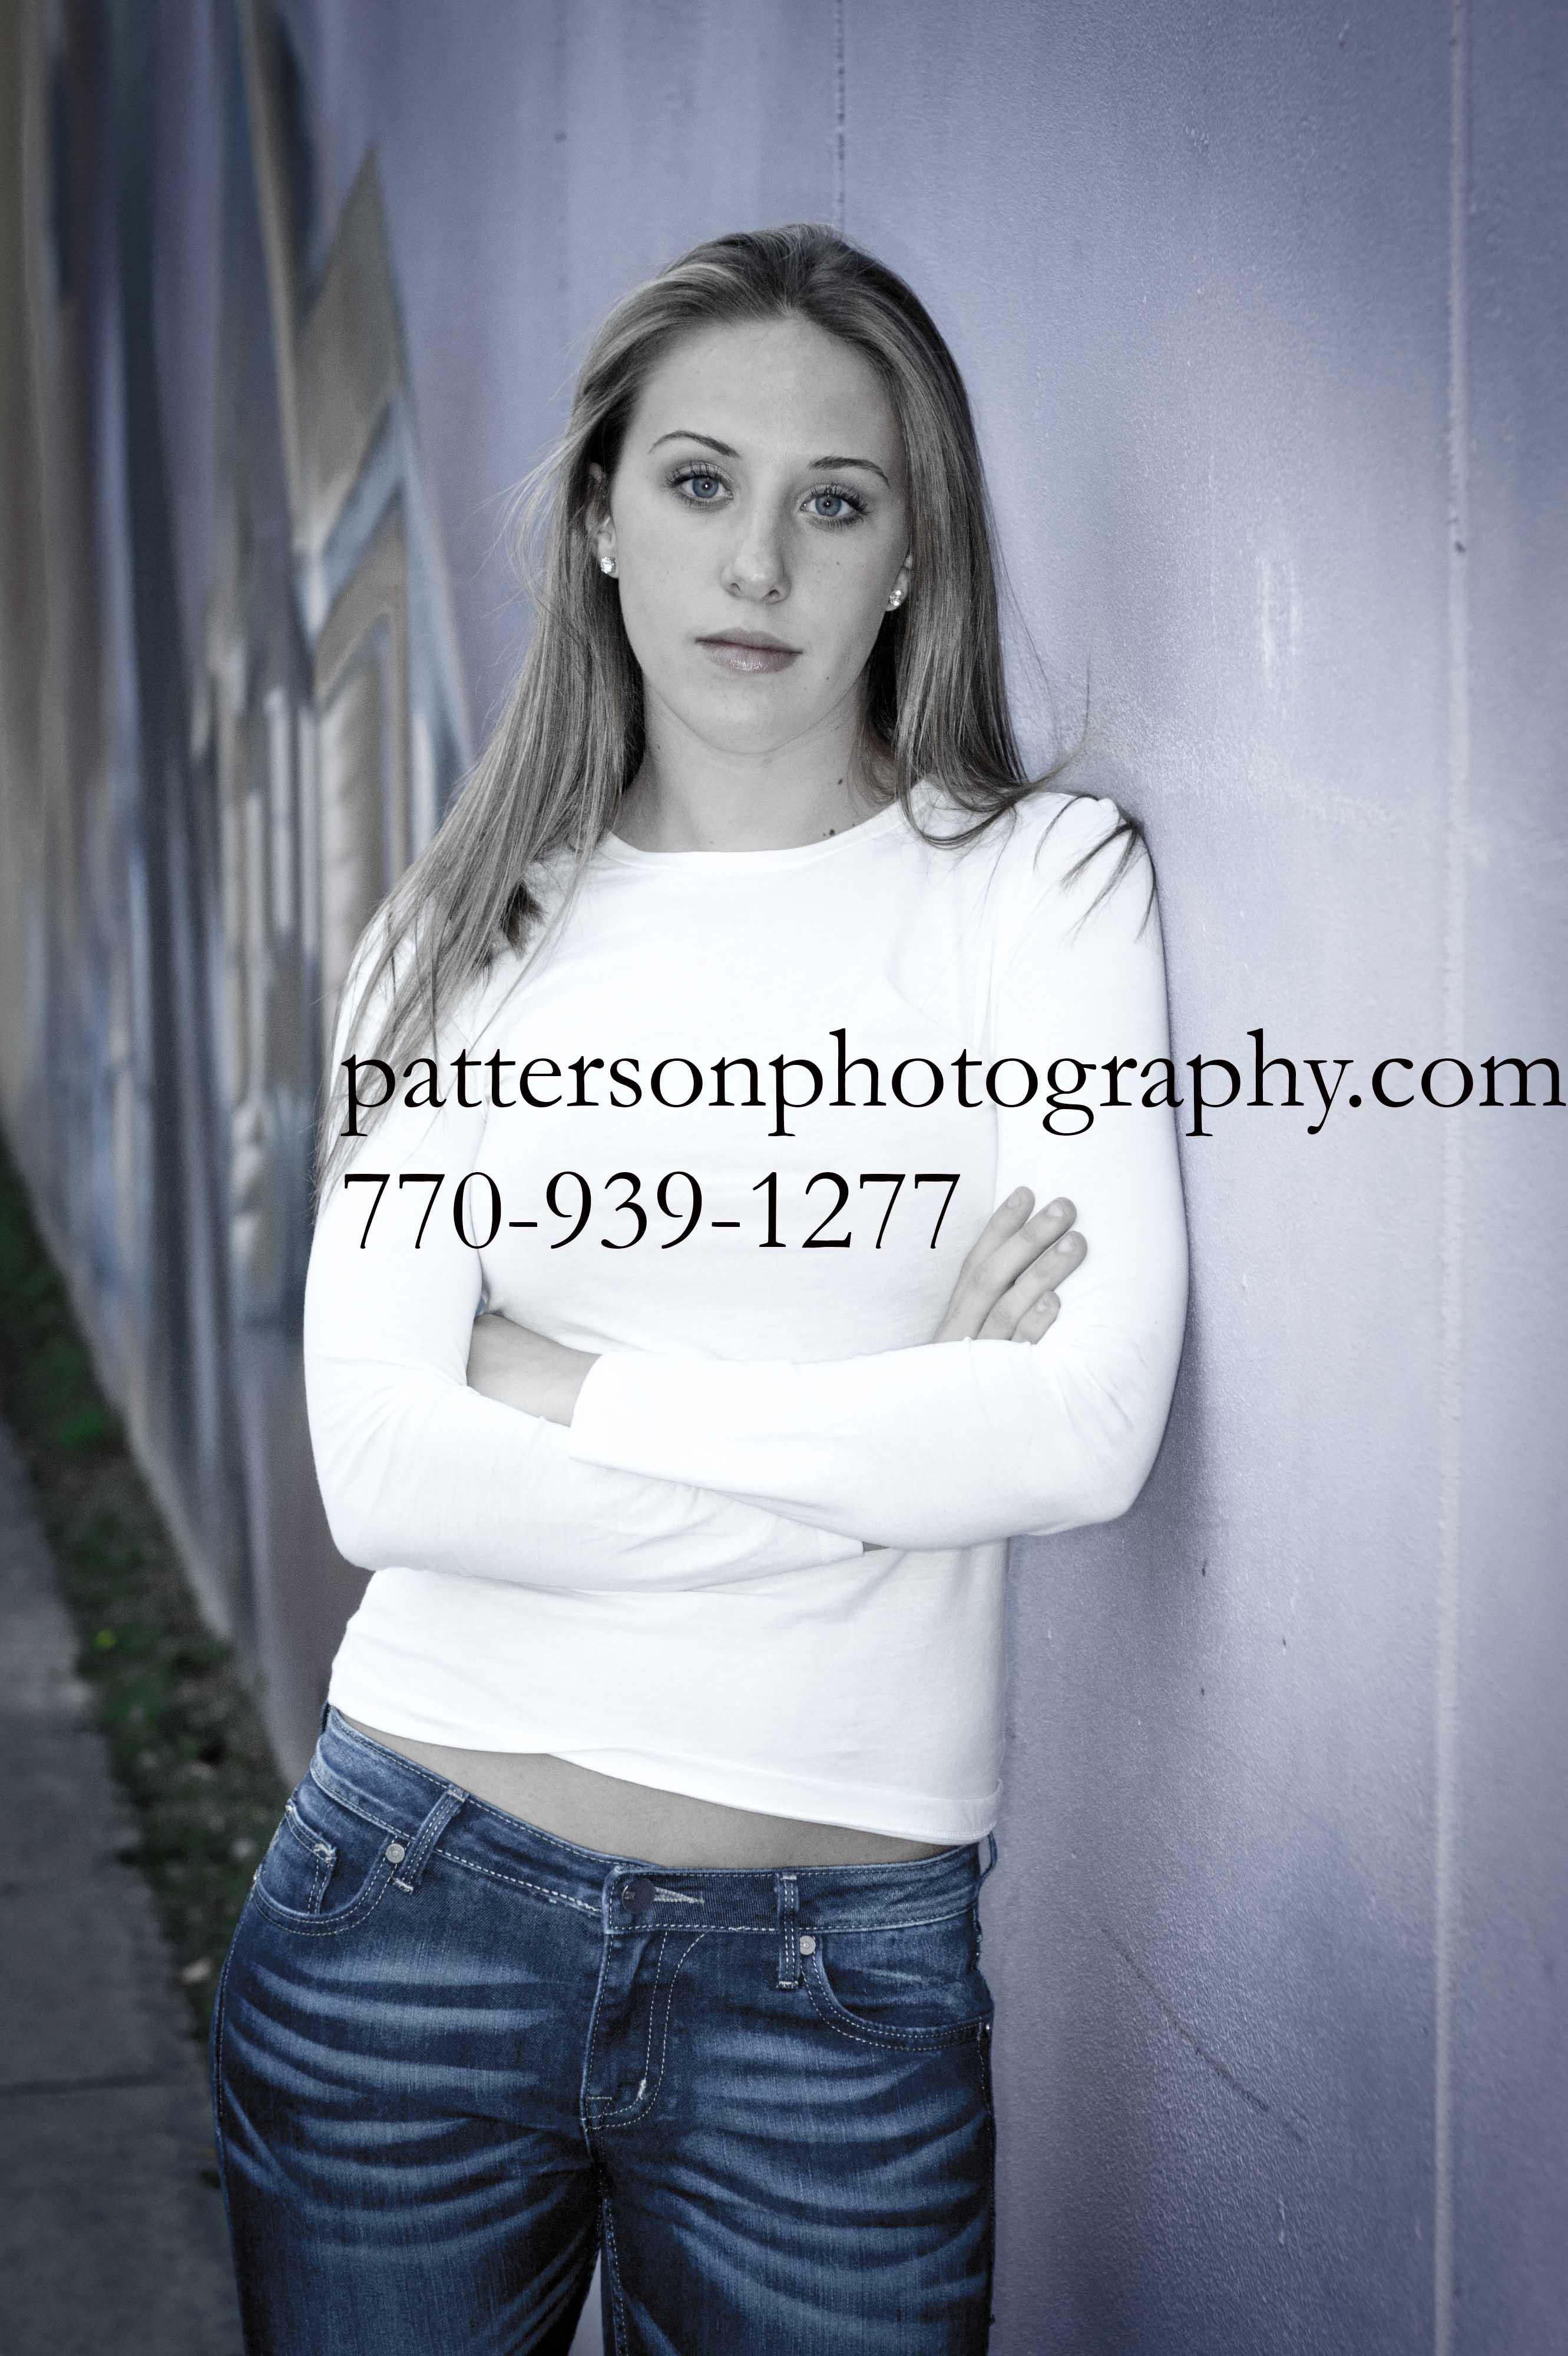 https://0201.nccdn.net/1_2/000/000/107/d82/jma_0472-pattersonphotography.jpg